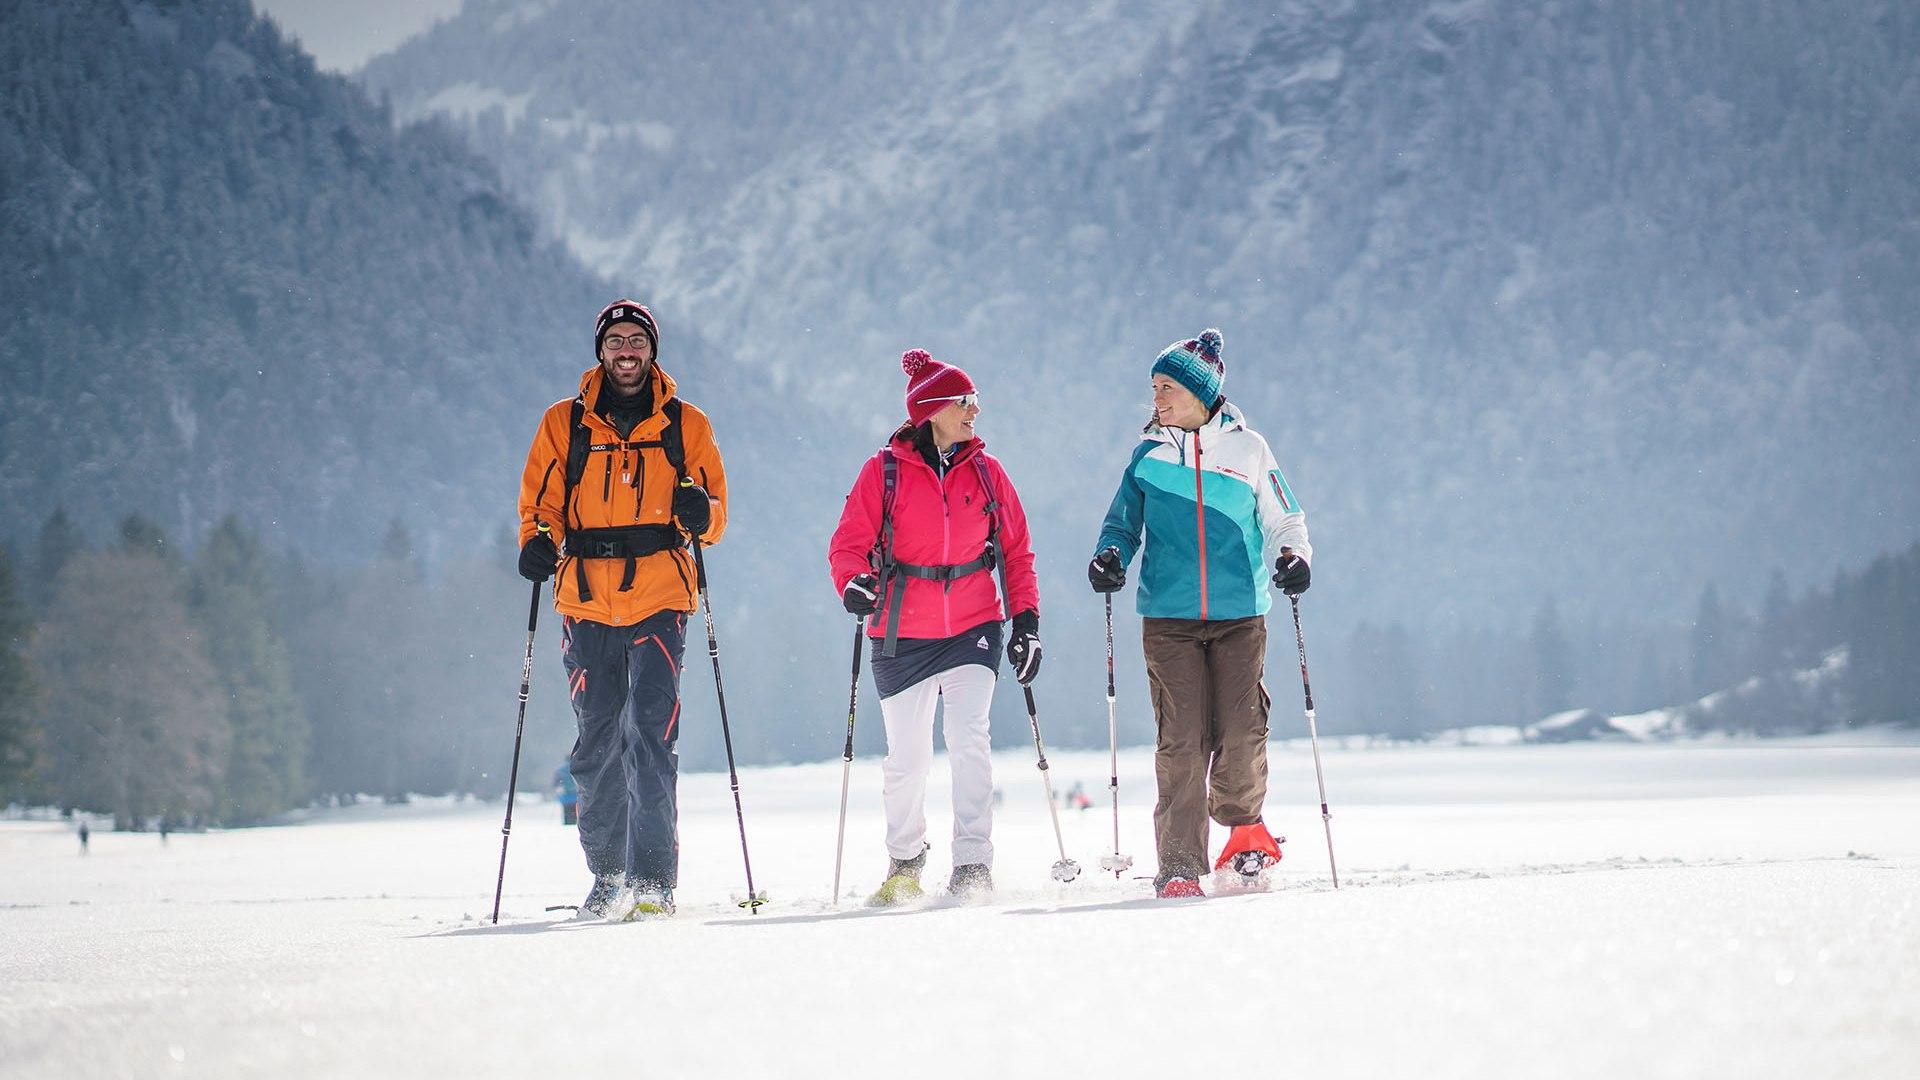 Schneeschuhtouren Bayrischzell, © Dietmar Denger